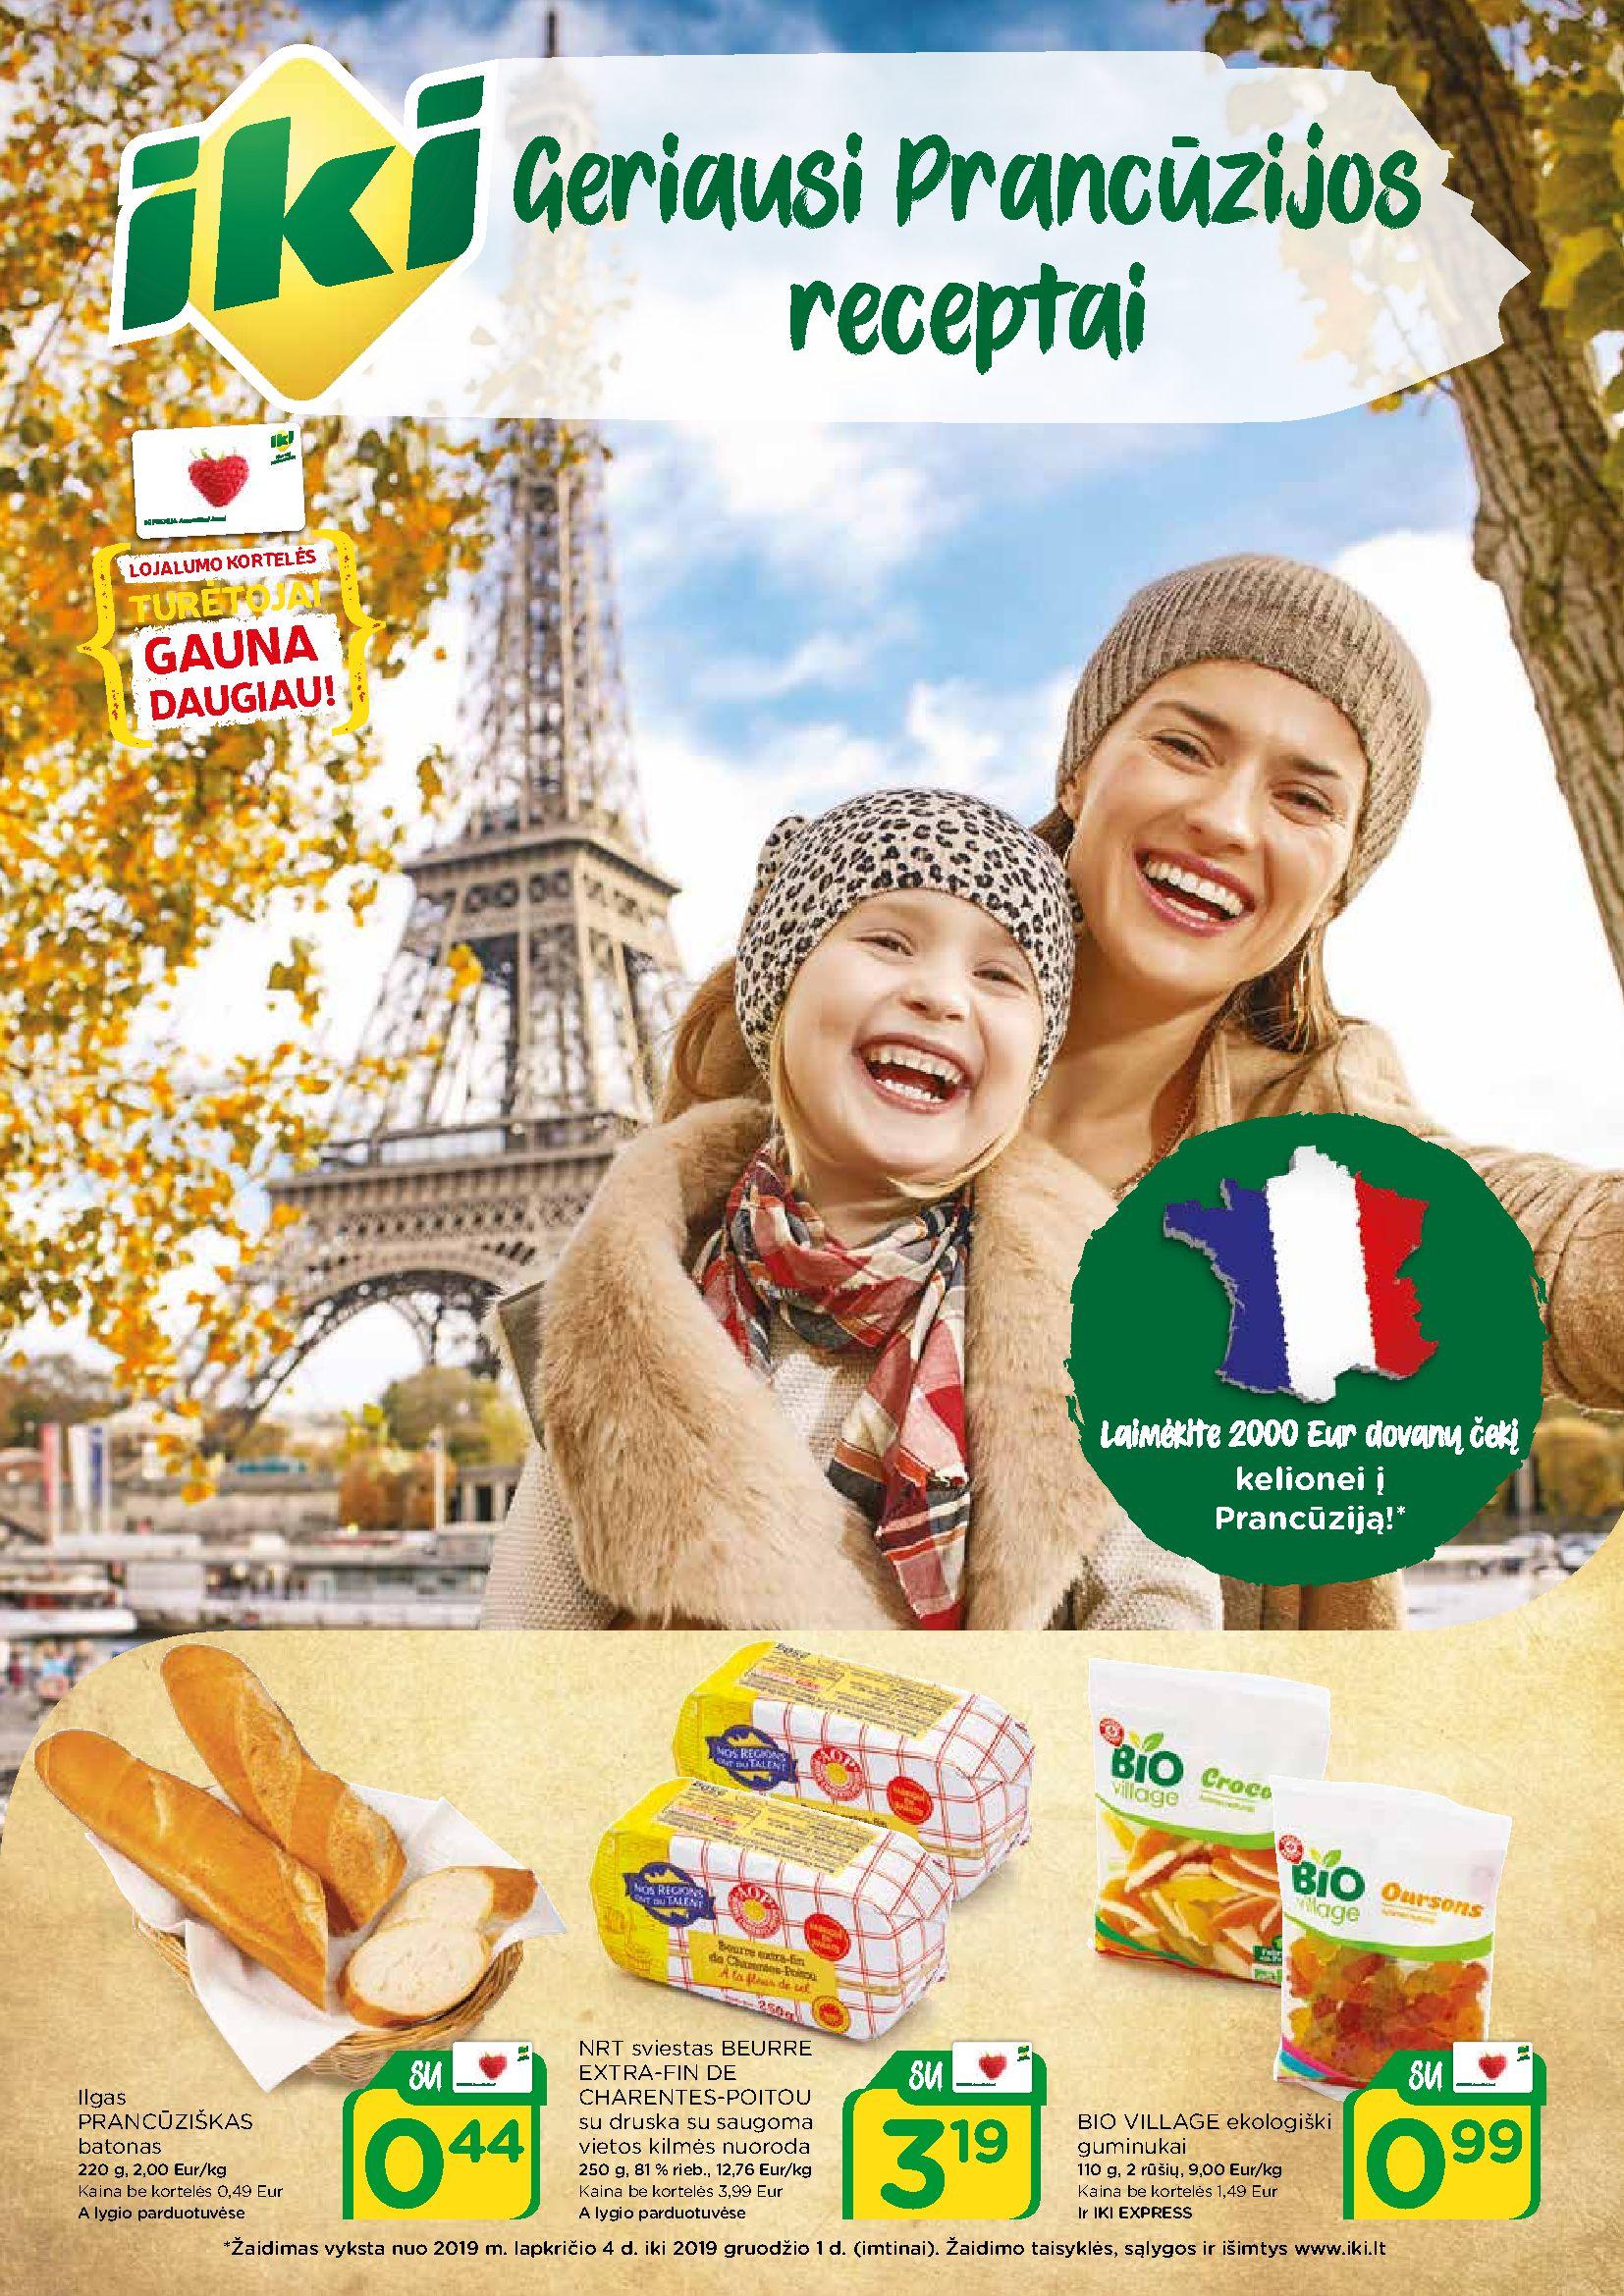 Geriausi Prancūzijos receptai page 1